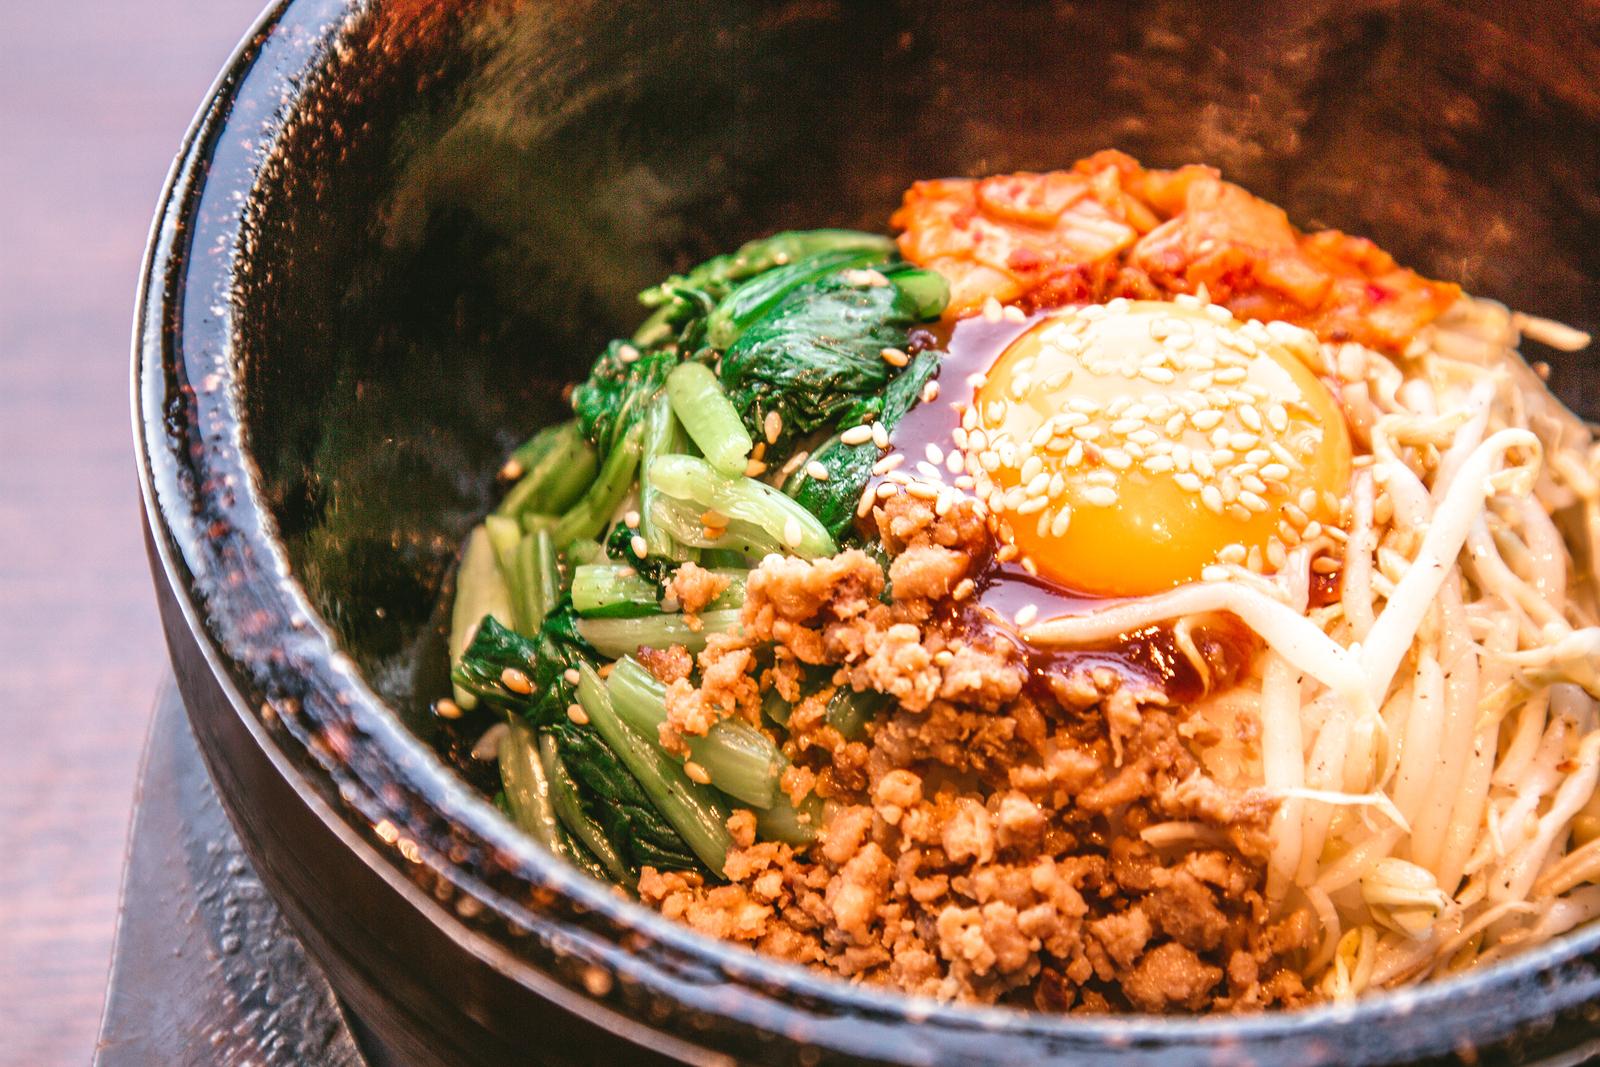 The Best Korean Restaurants in Omaha